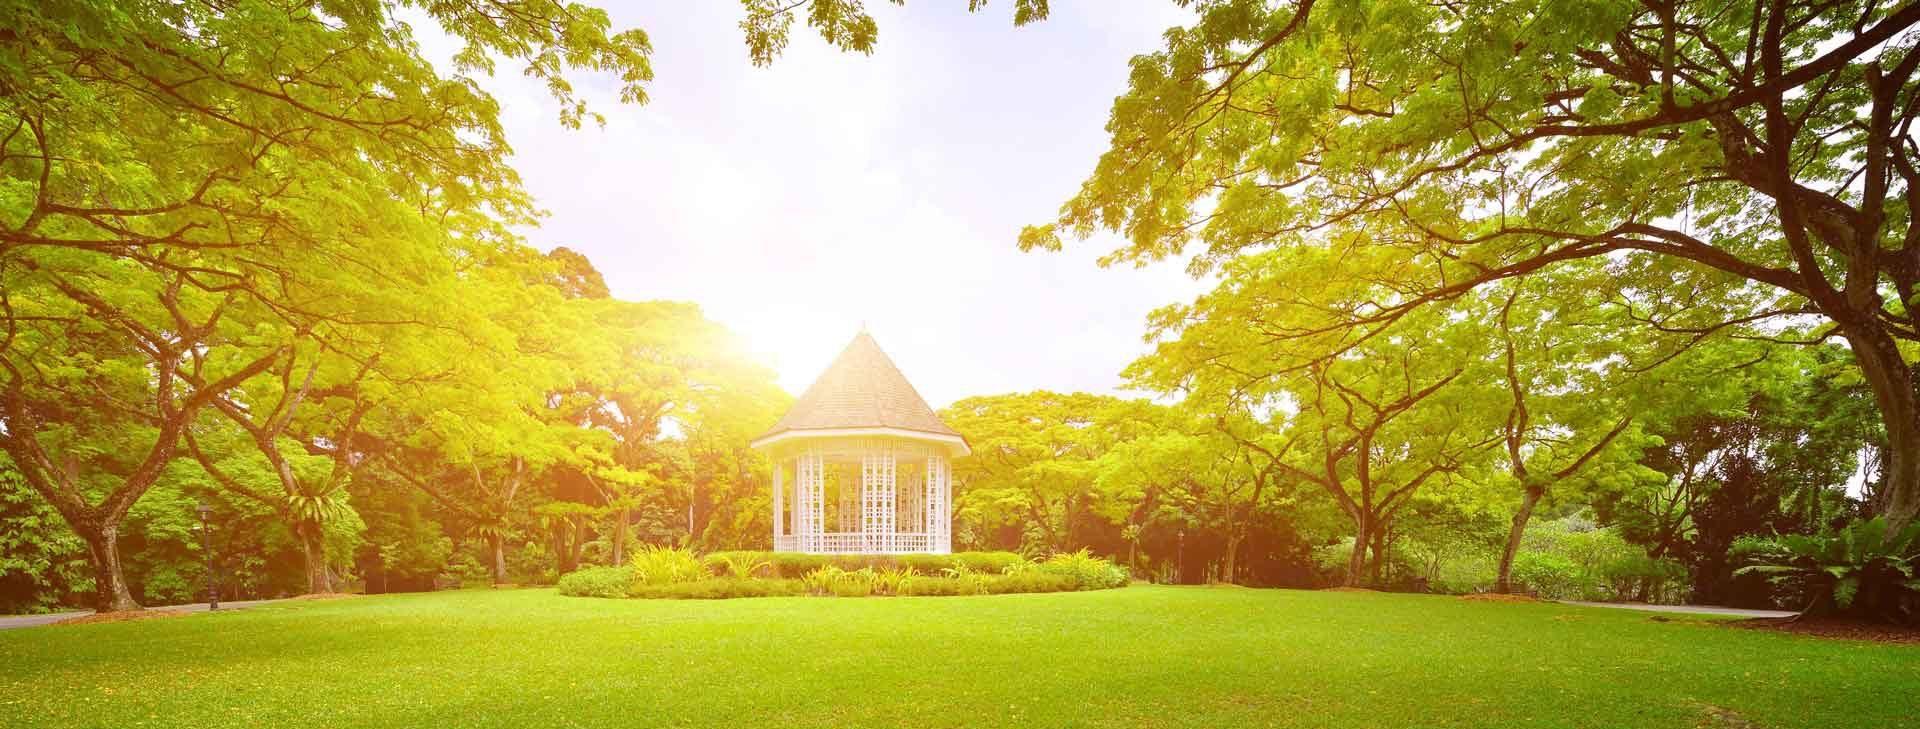 Der Garten als Oase der Ruhe und Erholung.